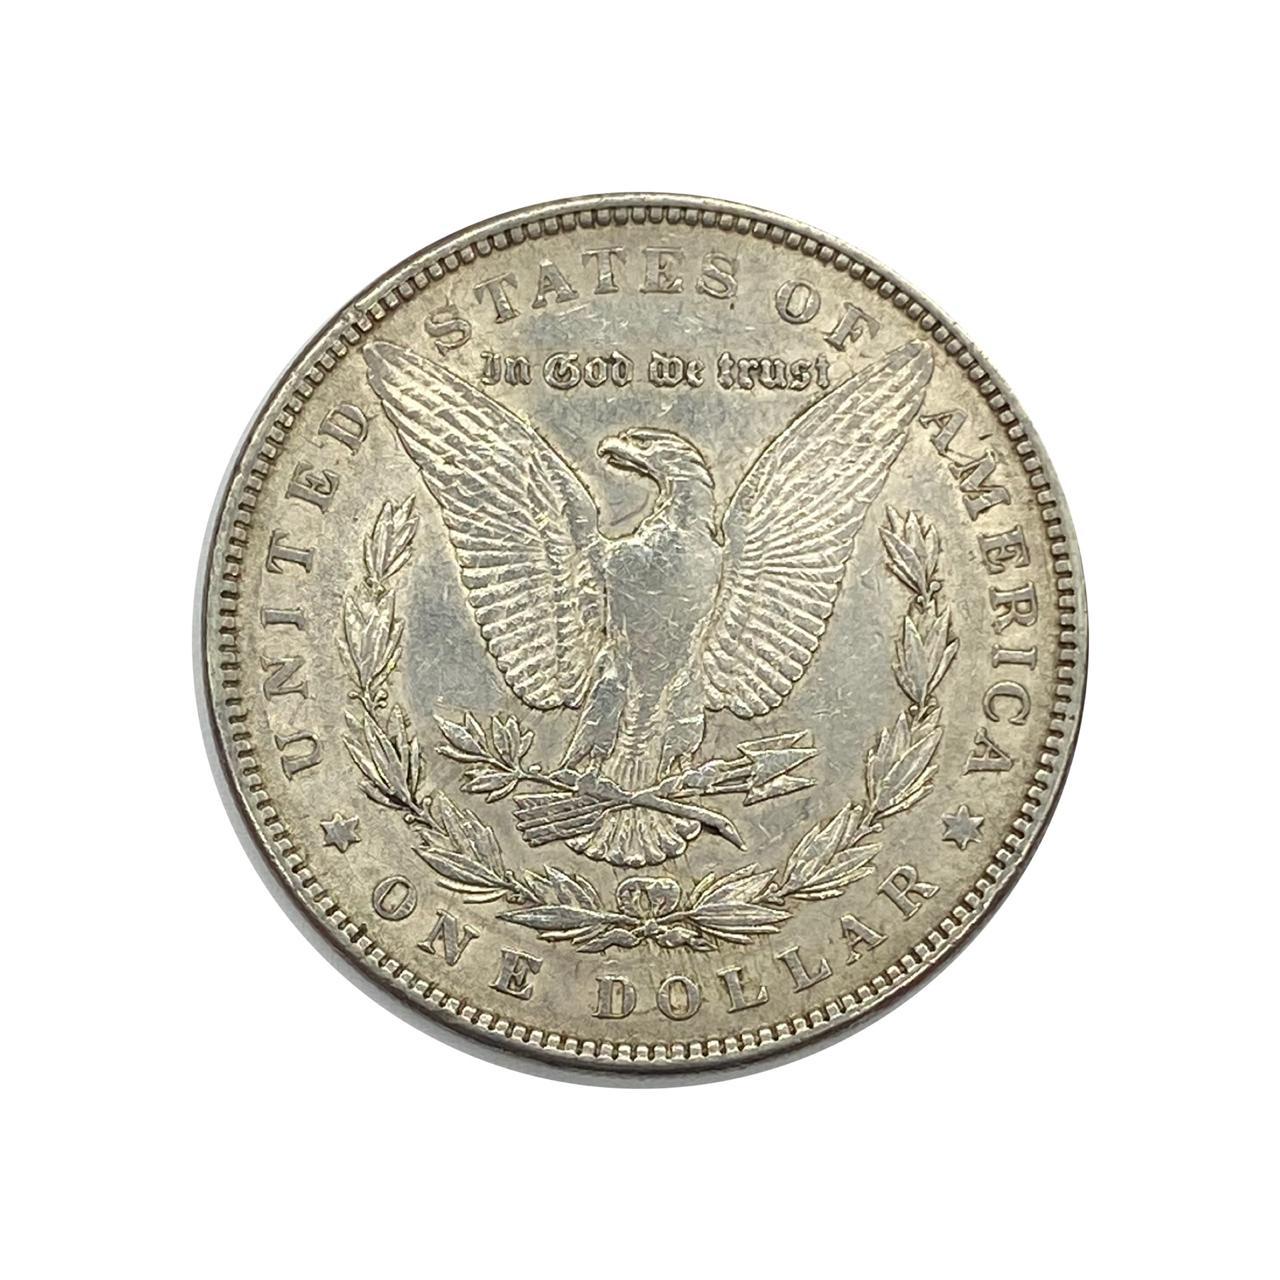 1 Dólar Morgan Dollar-1889